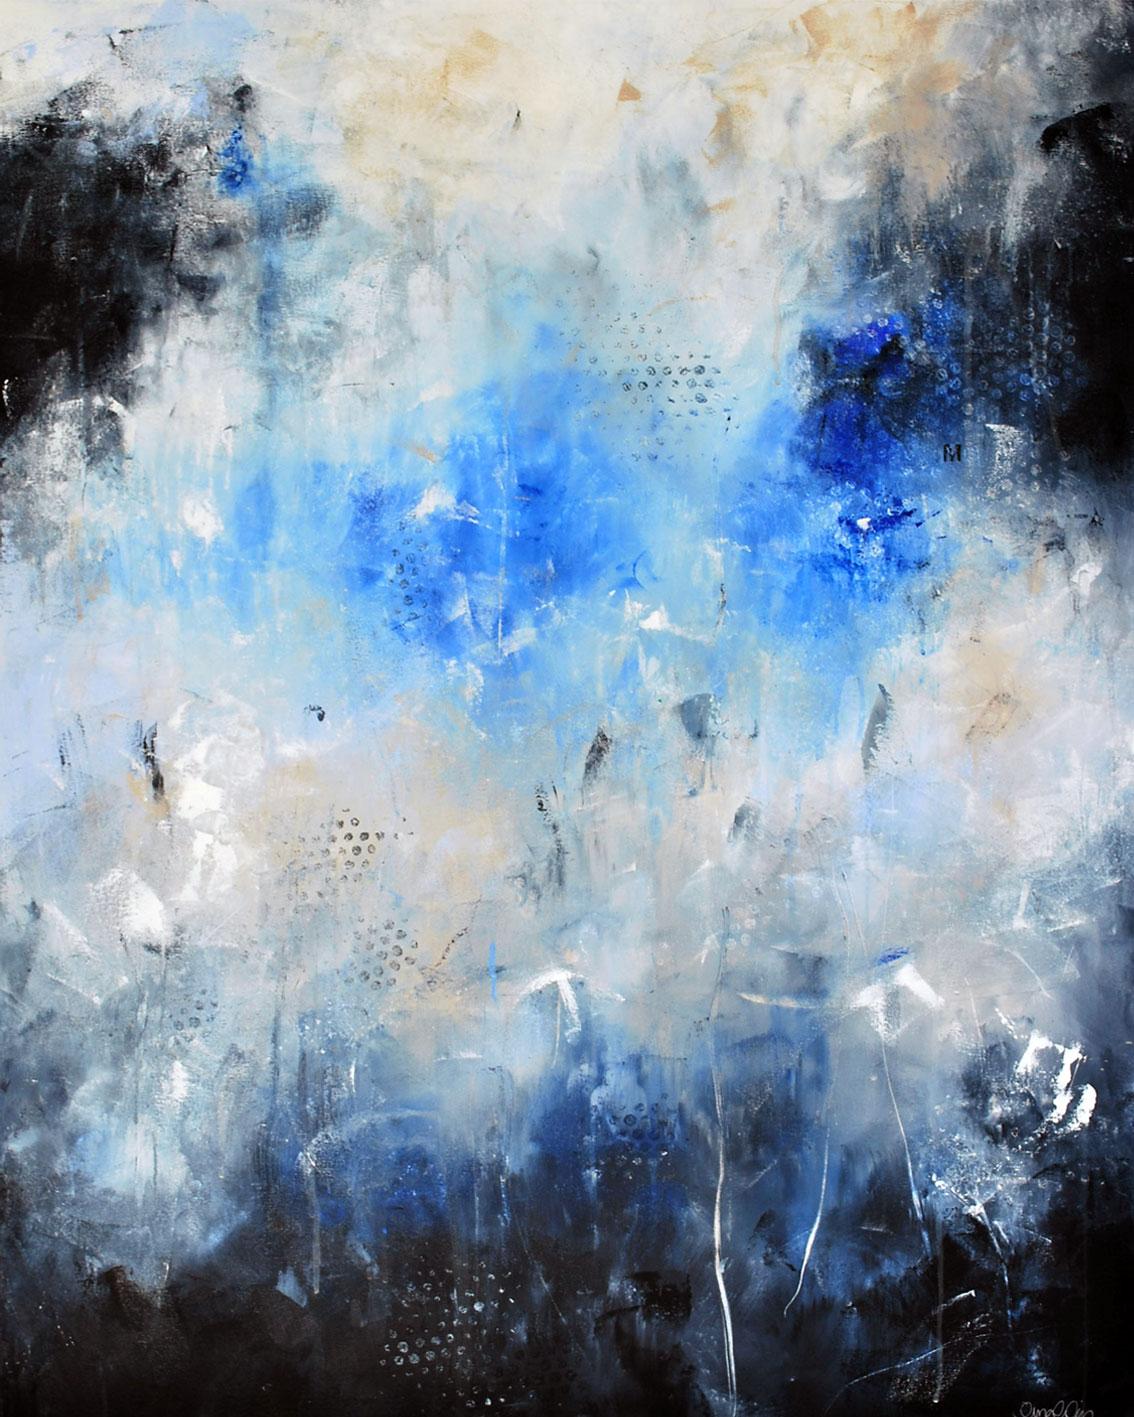 Abstrakt målning mörkblå beige grå blå vit